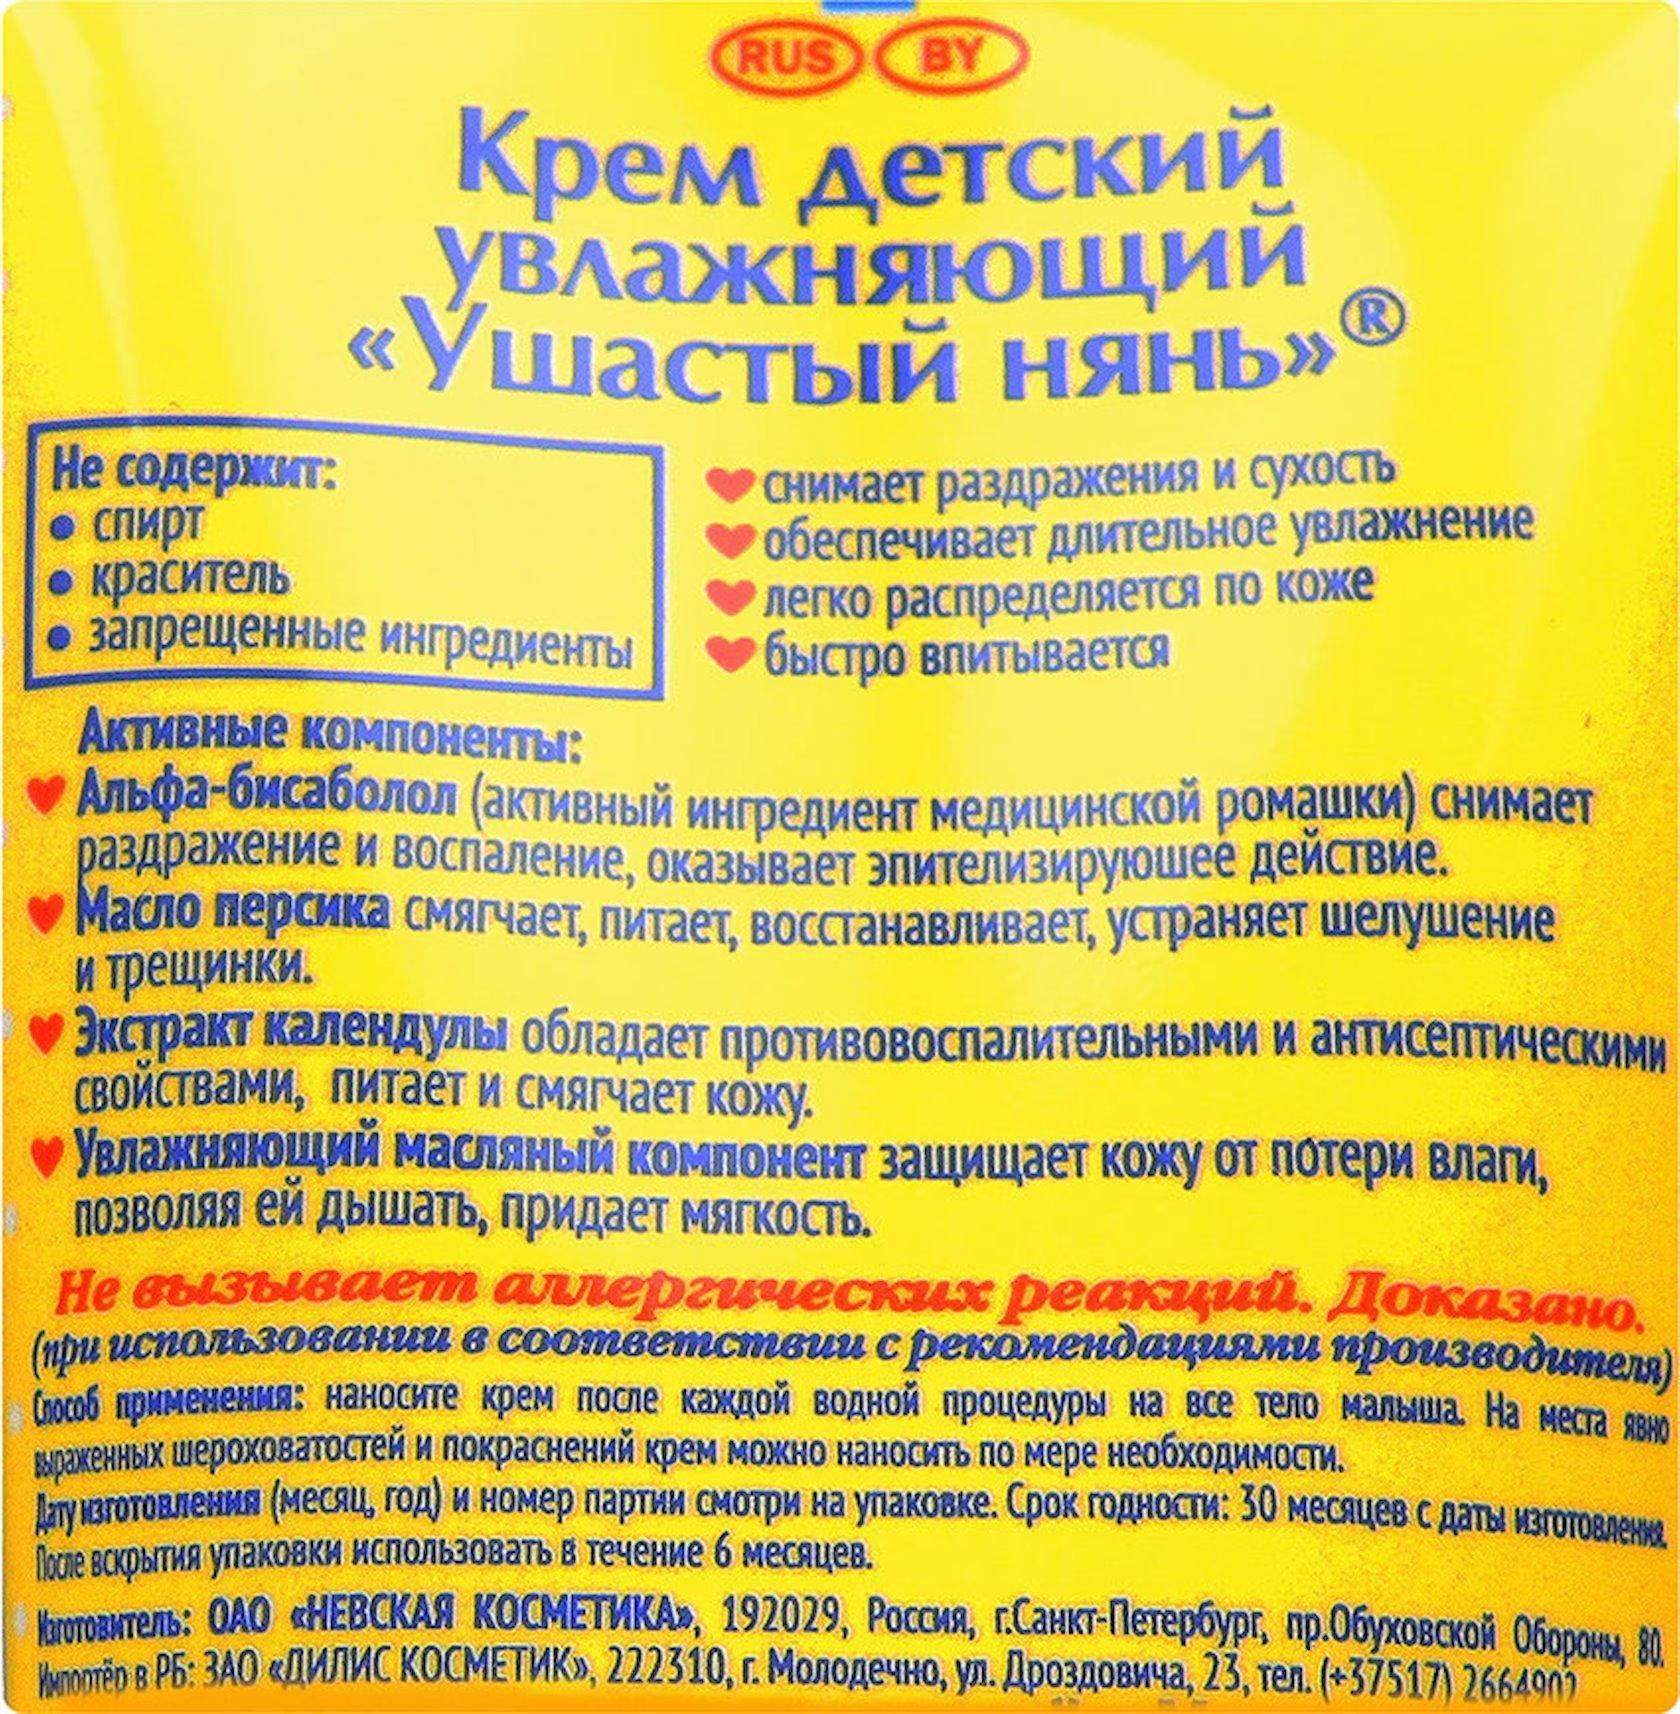 Uşaq kremi nəmləndirici Ушастый Нянь 100 ml